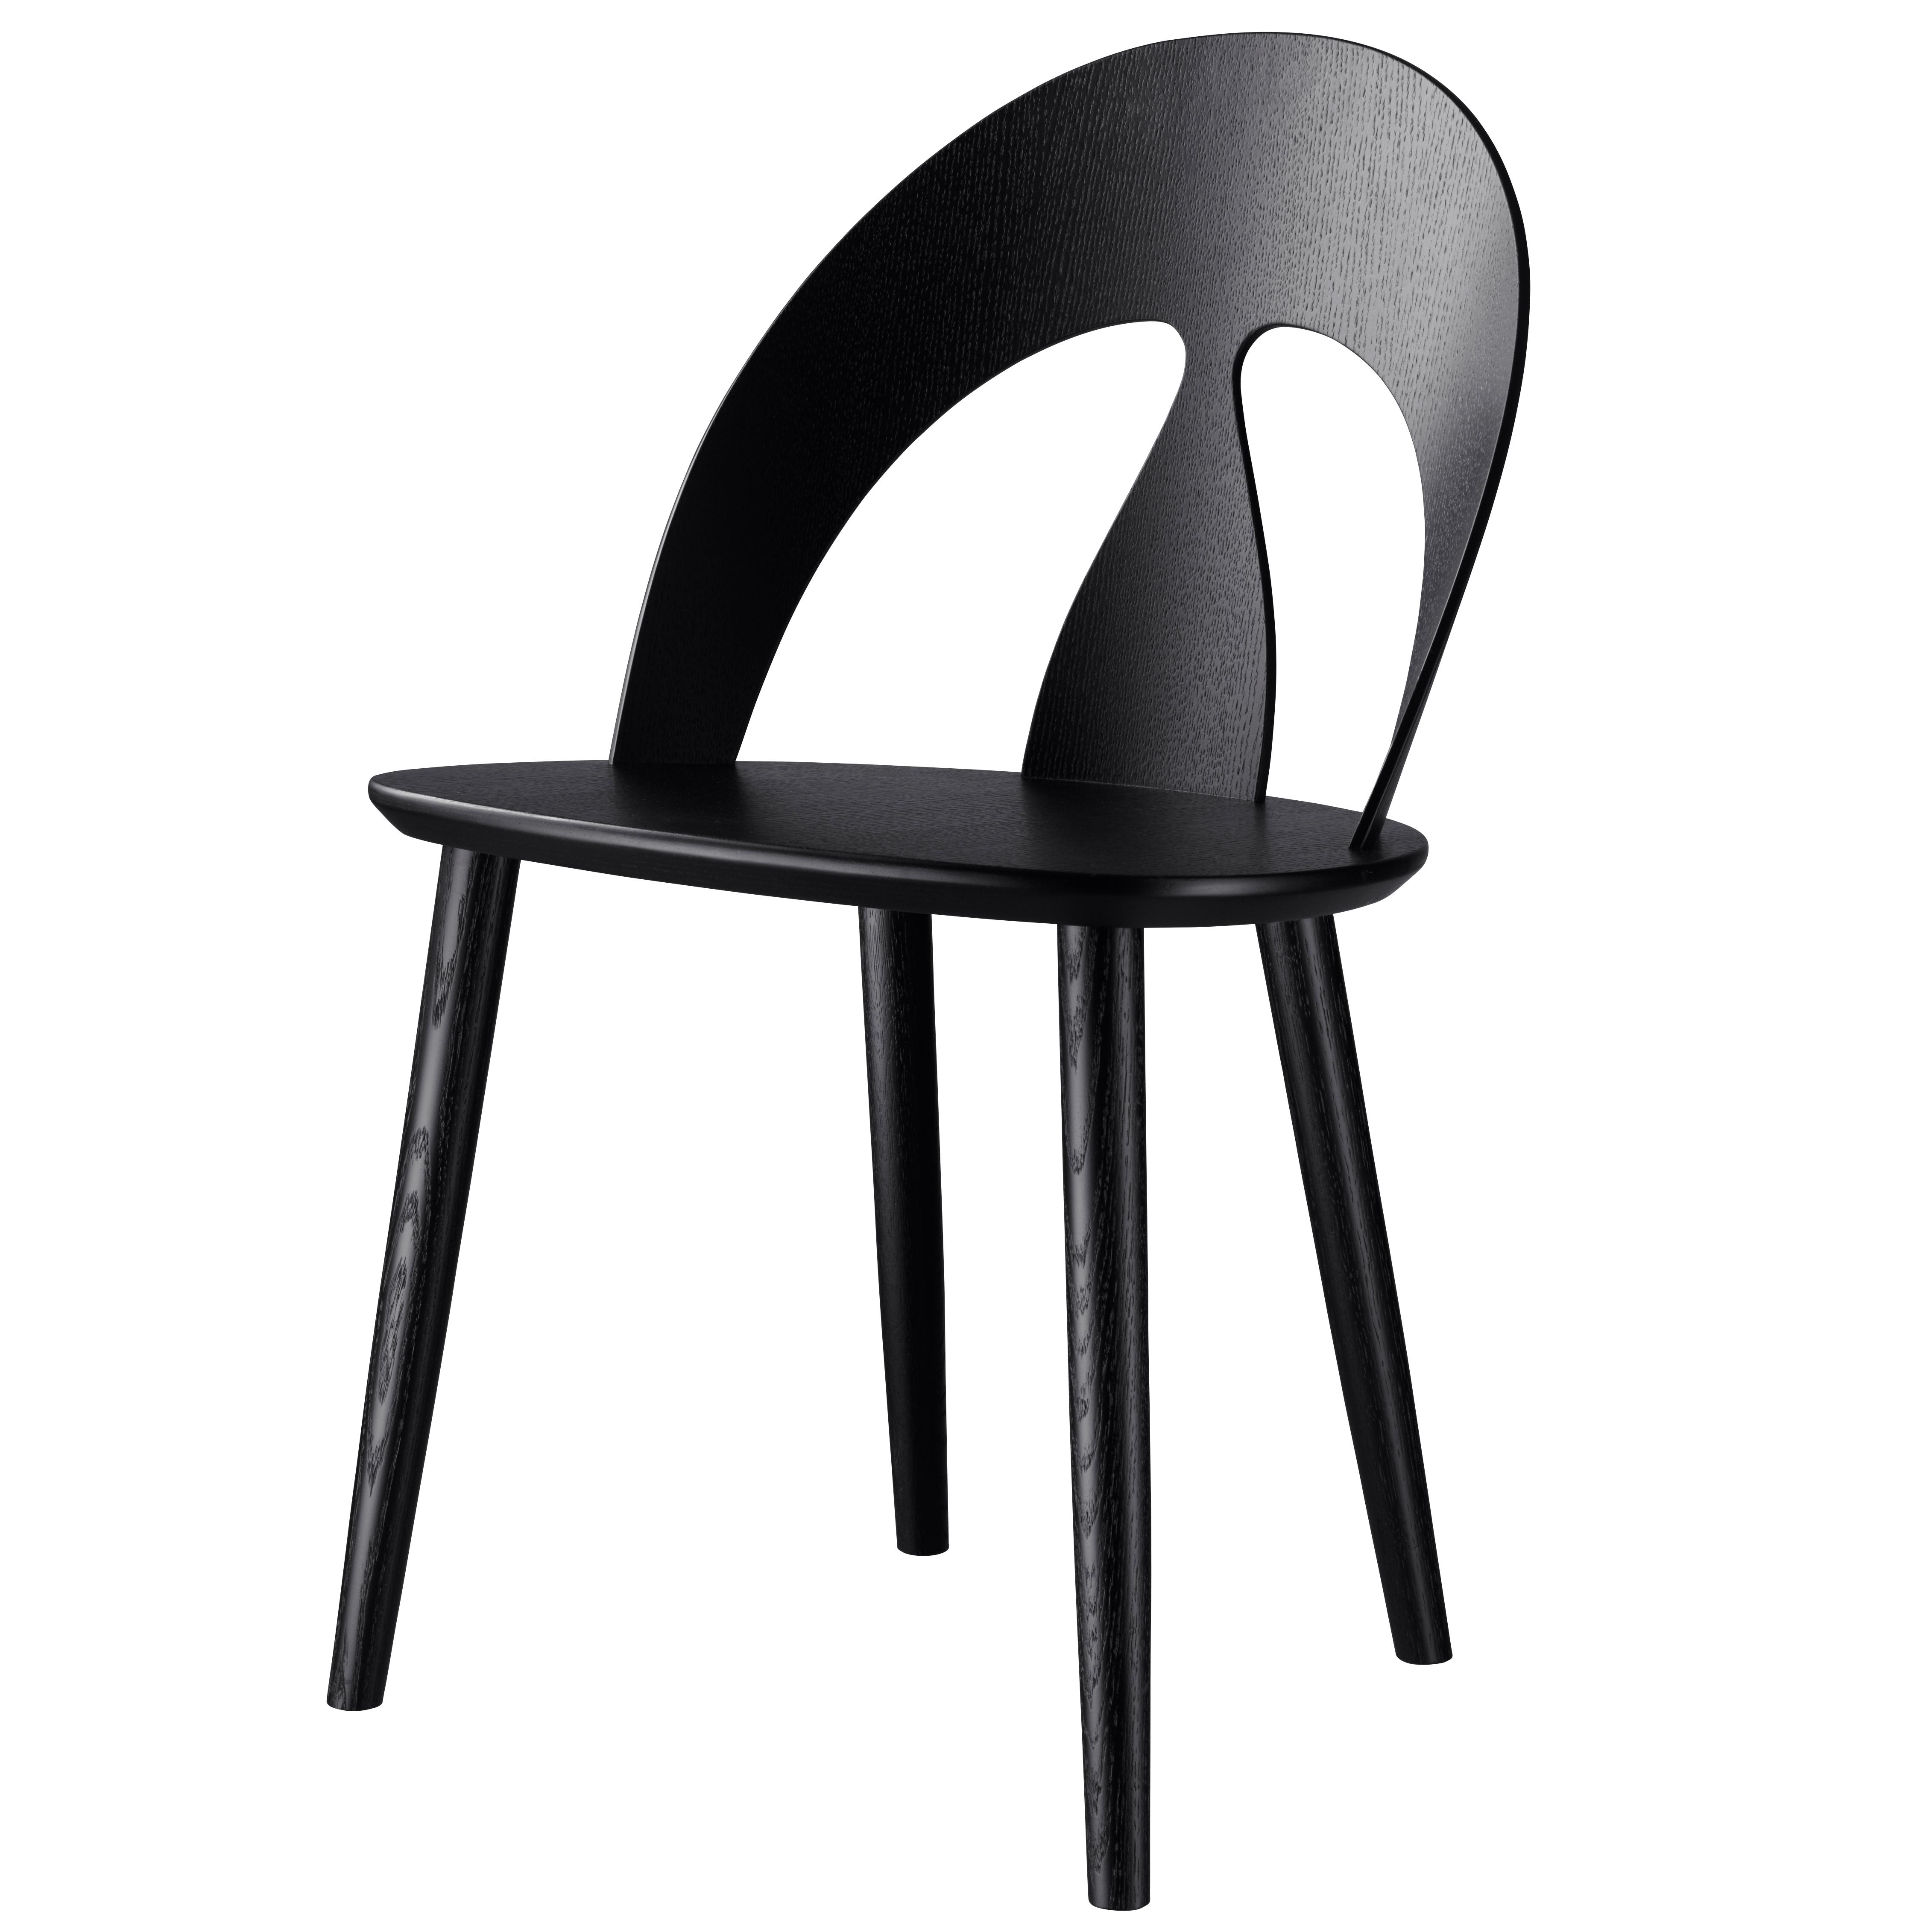 Komfortabel J45 spisebordsstol i sort eg af Børge Morgensen